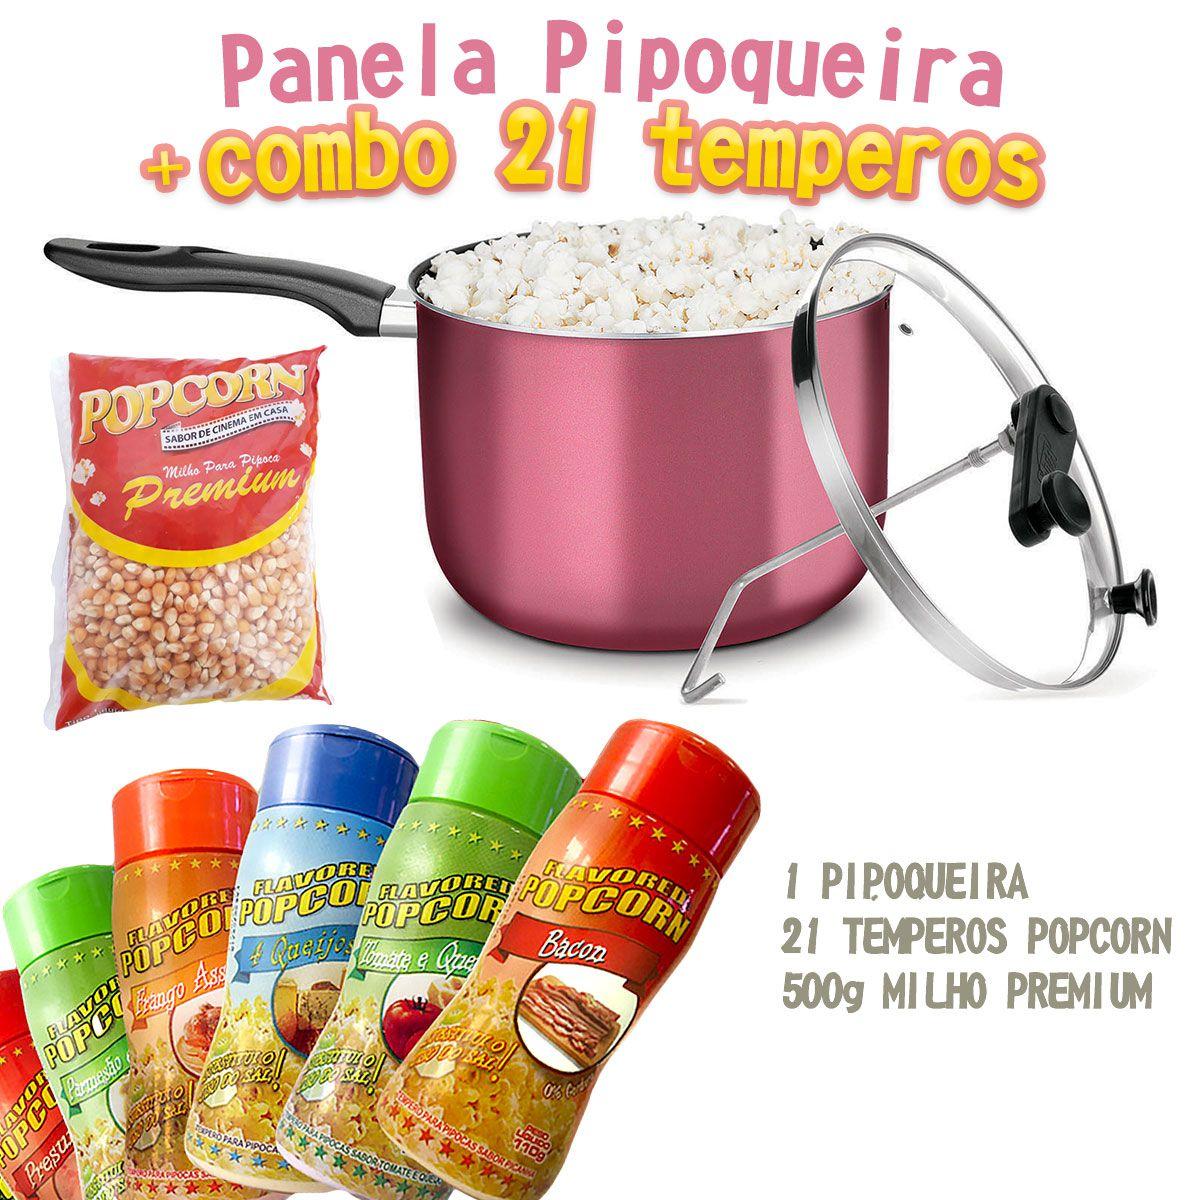 Pipoqueira + 21 Temperos Popcorn + Milho Premium.